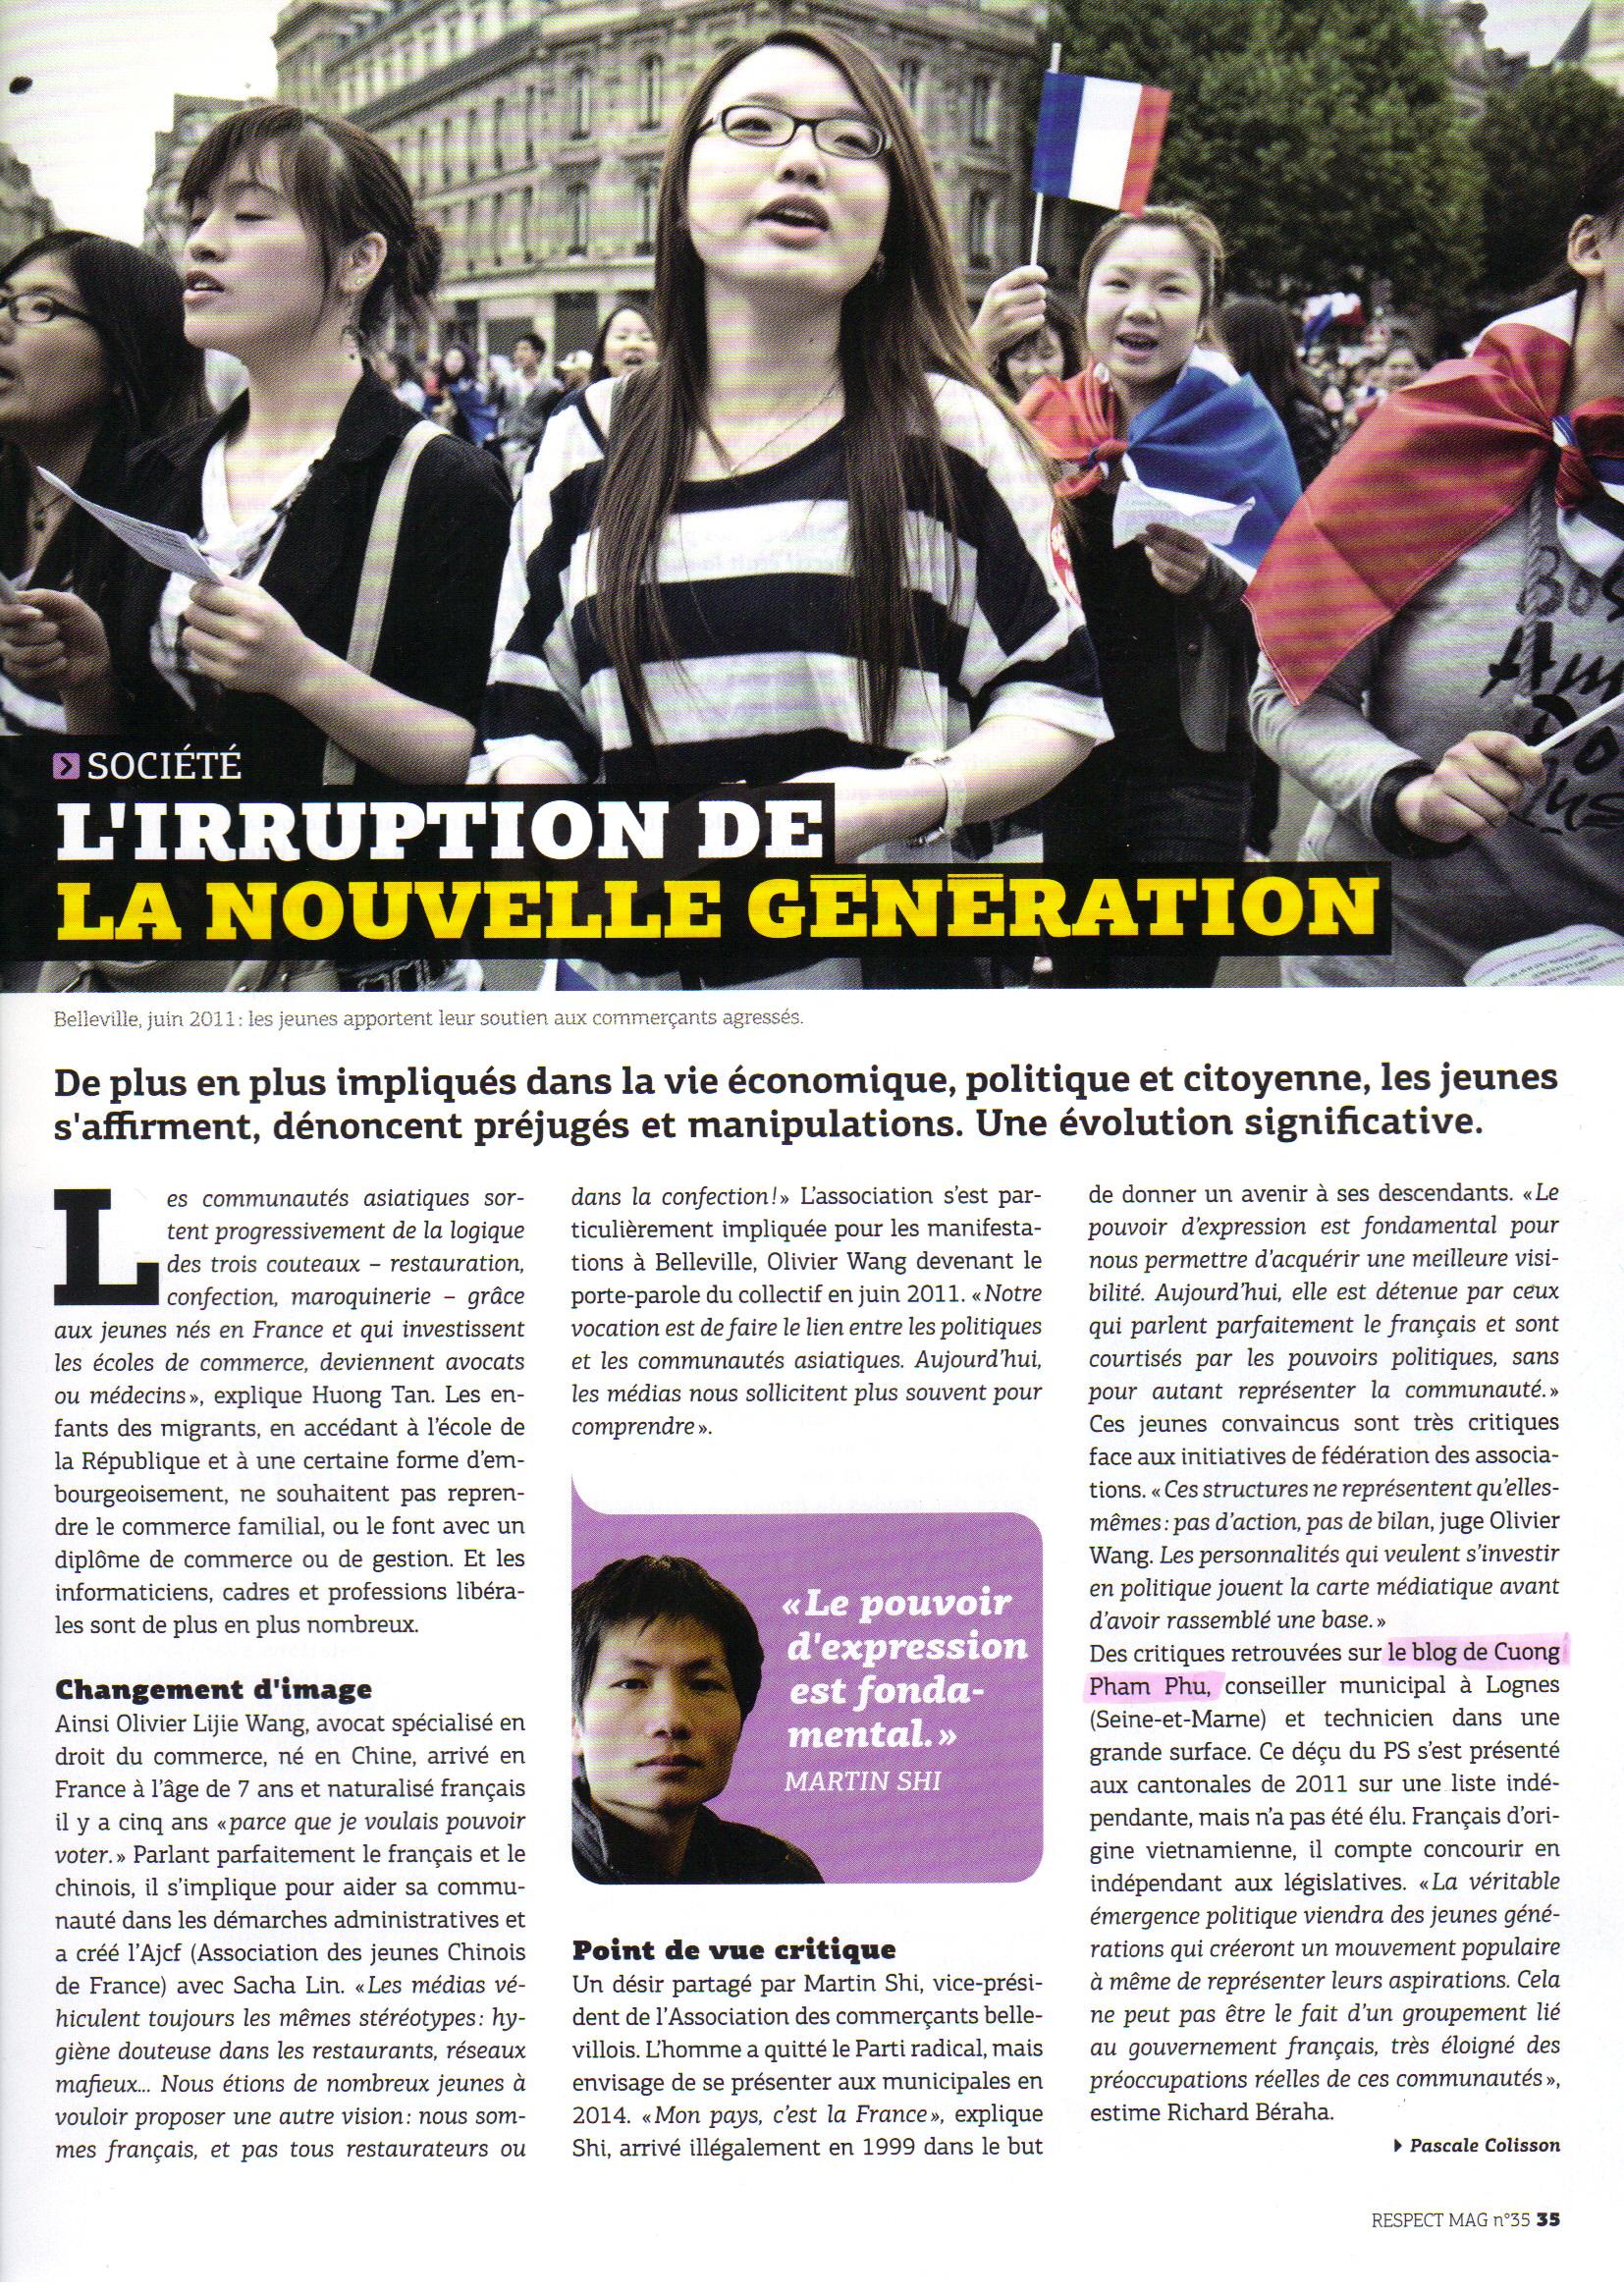 respect-magazine.JPG